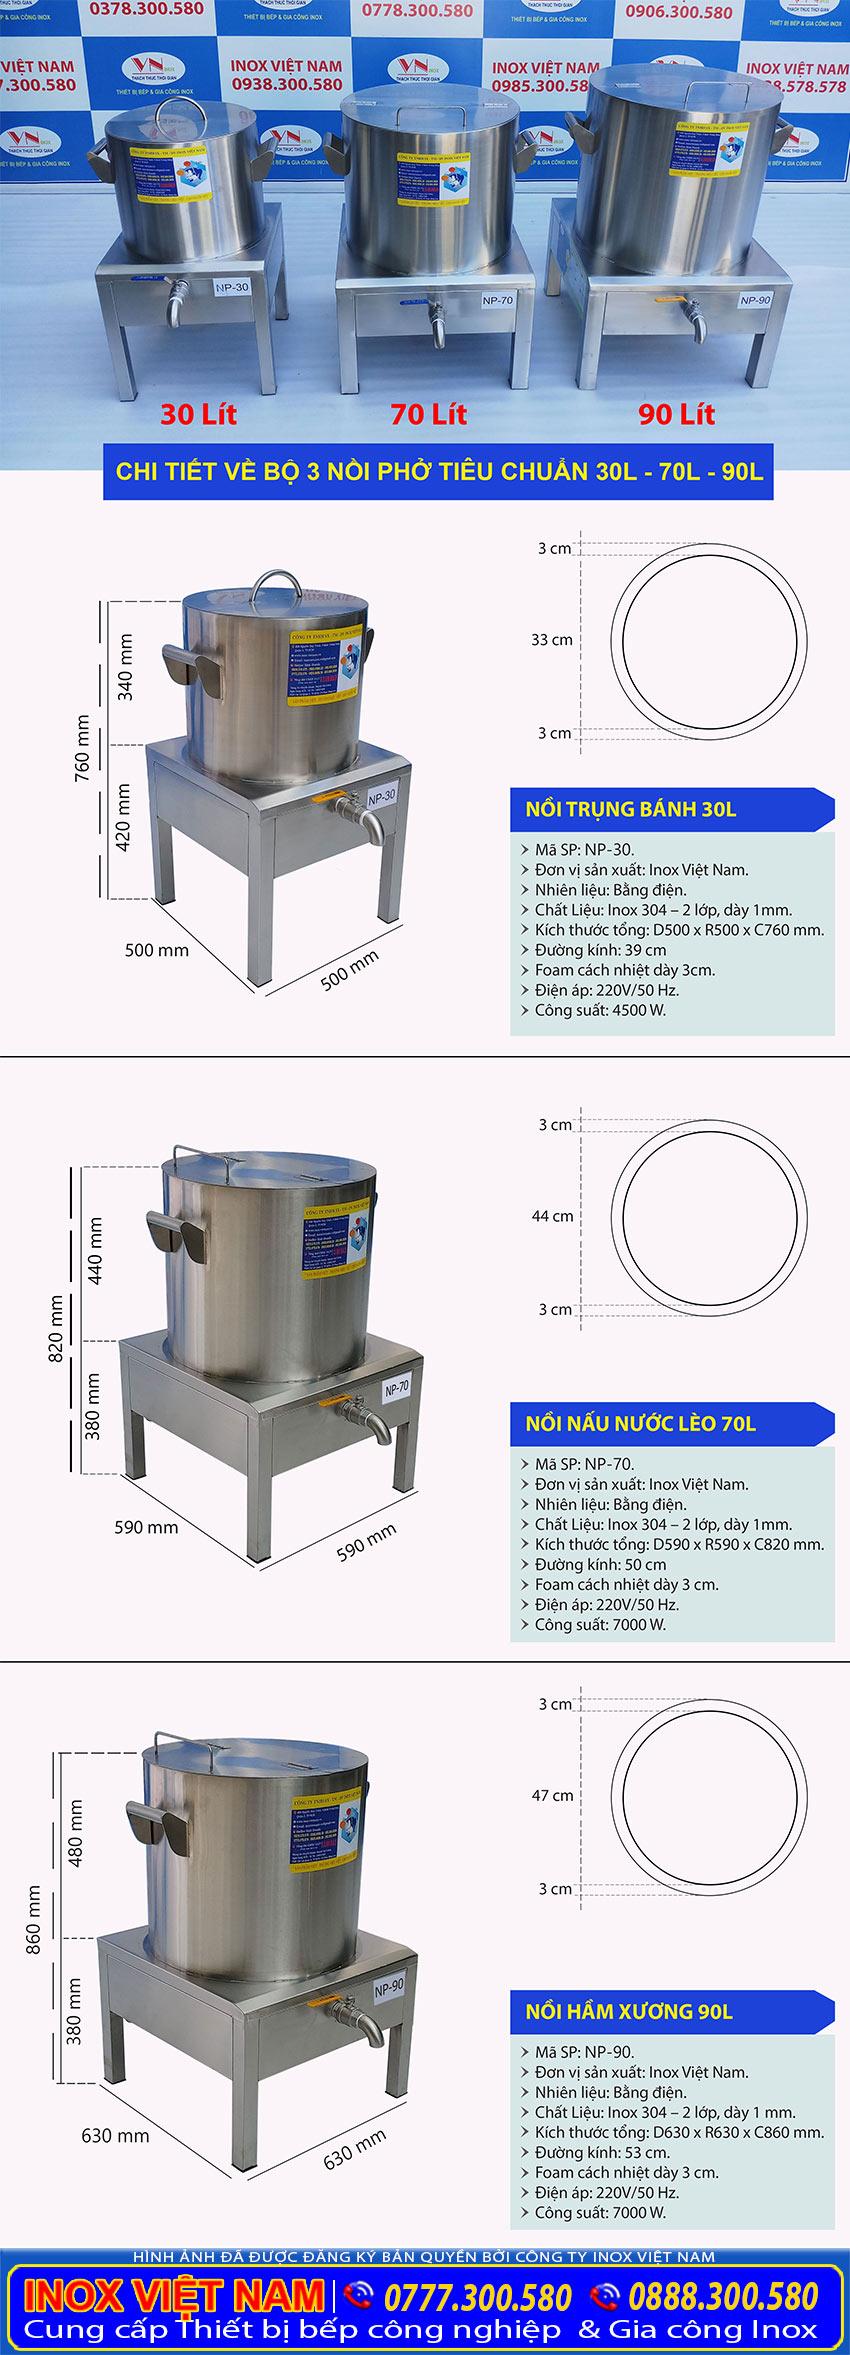 Kích thước bộ 3 nồi nấu phở bằng điện tiêu chuẩn 30 lít, 70 lít và 90 lít giá xưởng do chúng tôi sản xuất Inox Việt Nam.